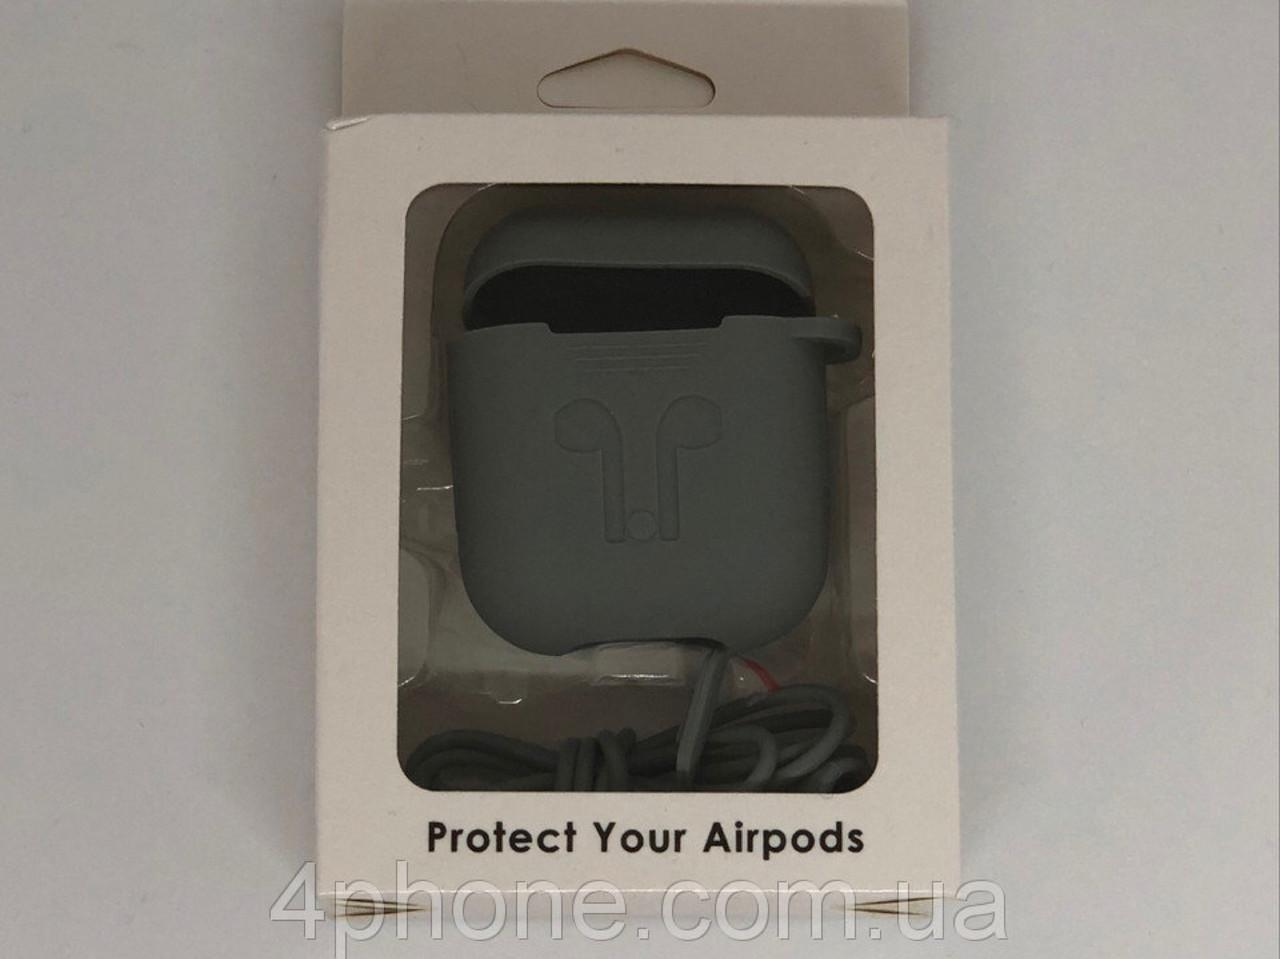 Чехол светло-серый для Airpods с карабином №4